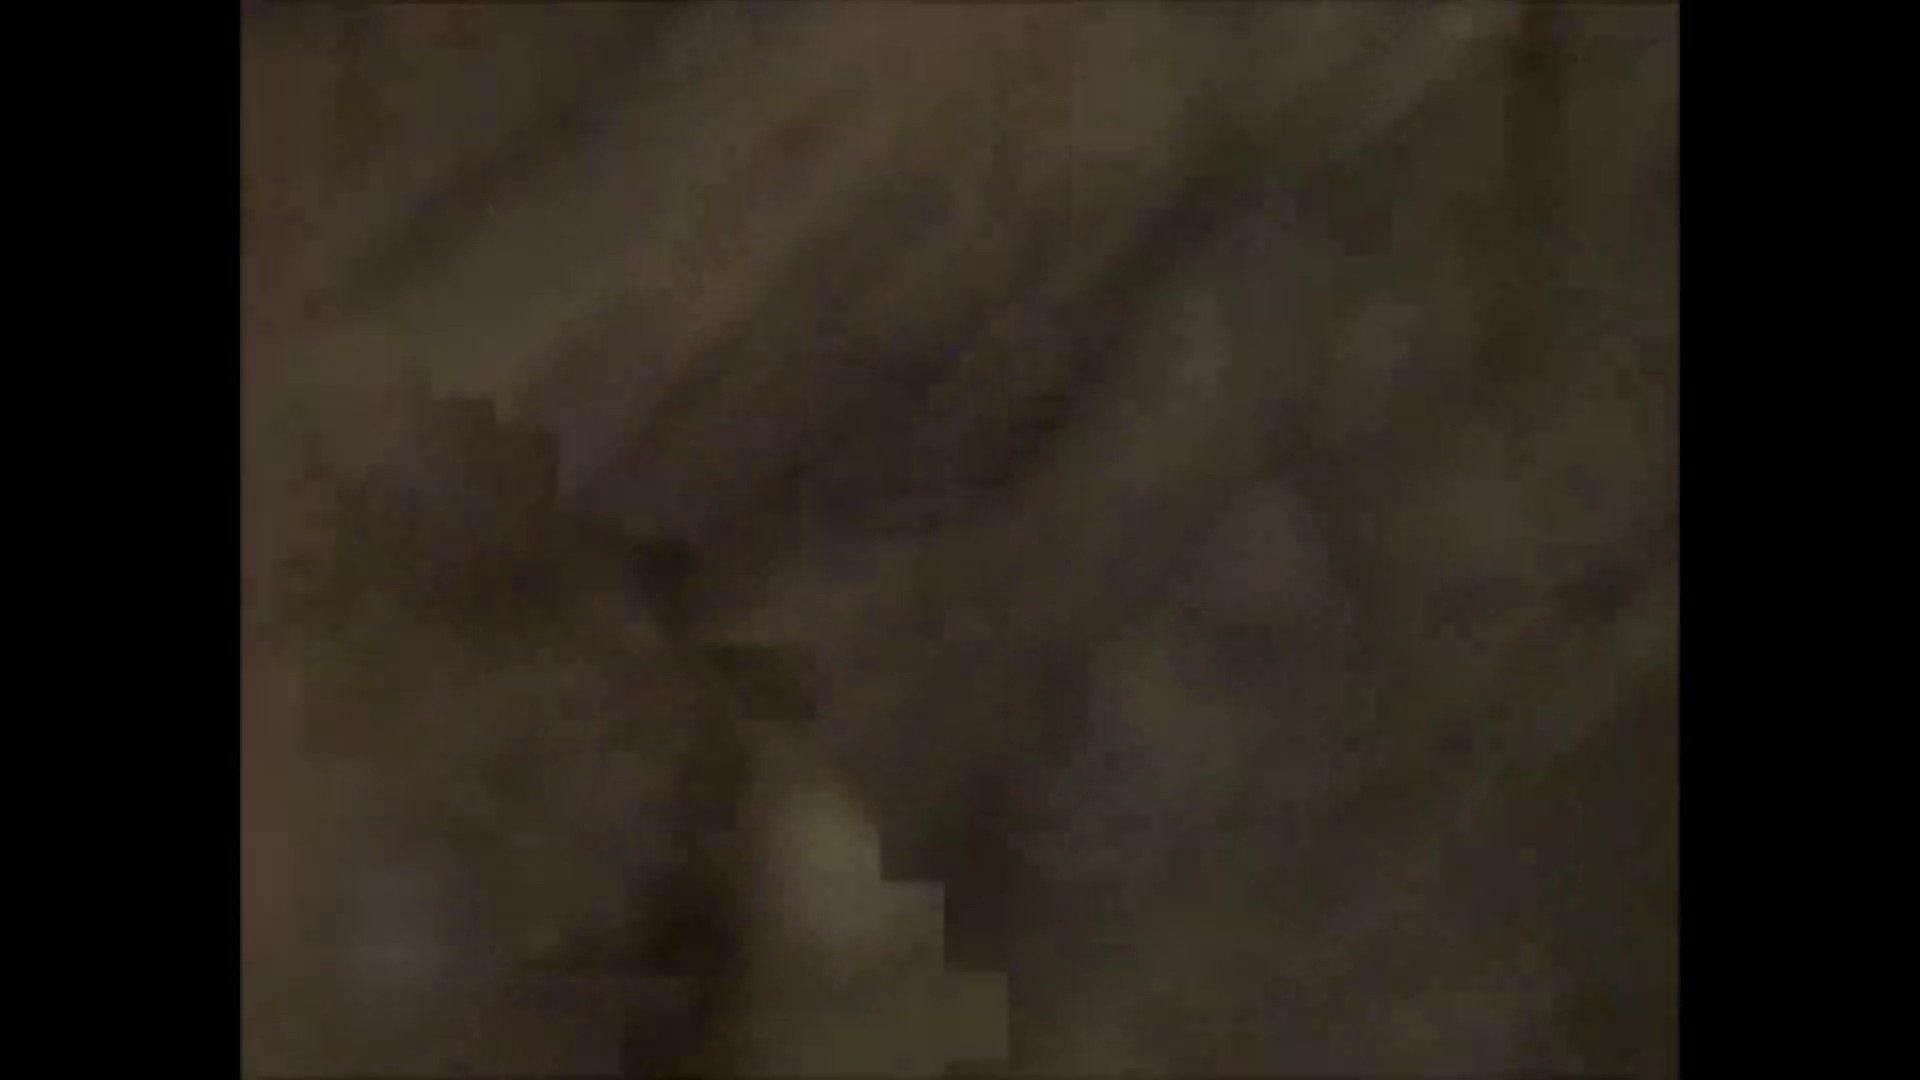 闇の性獣 レ●プ闇の事件簿 期間限定 | 美女のボディ  52PIX 28